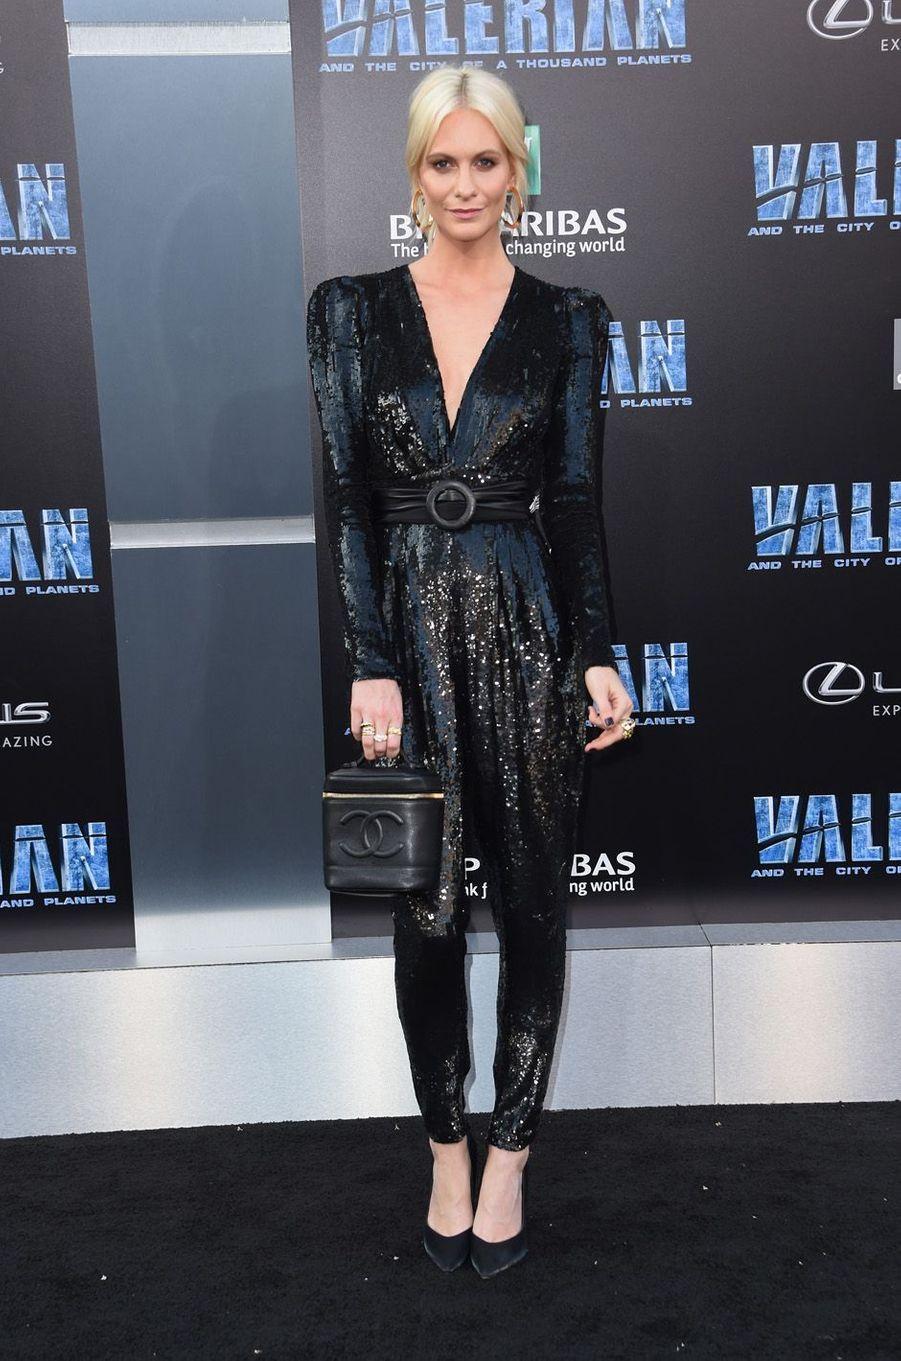 Poppy Delevingneà l'avant-première de Valérian et la Cité des mille planètes, le 17 juillet 2017 à Los Angeles.